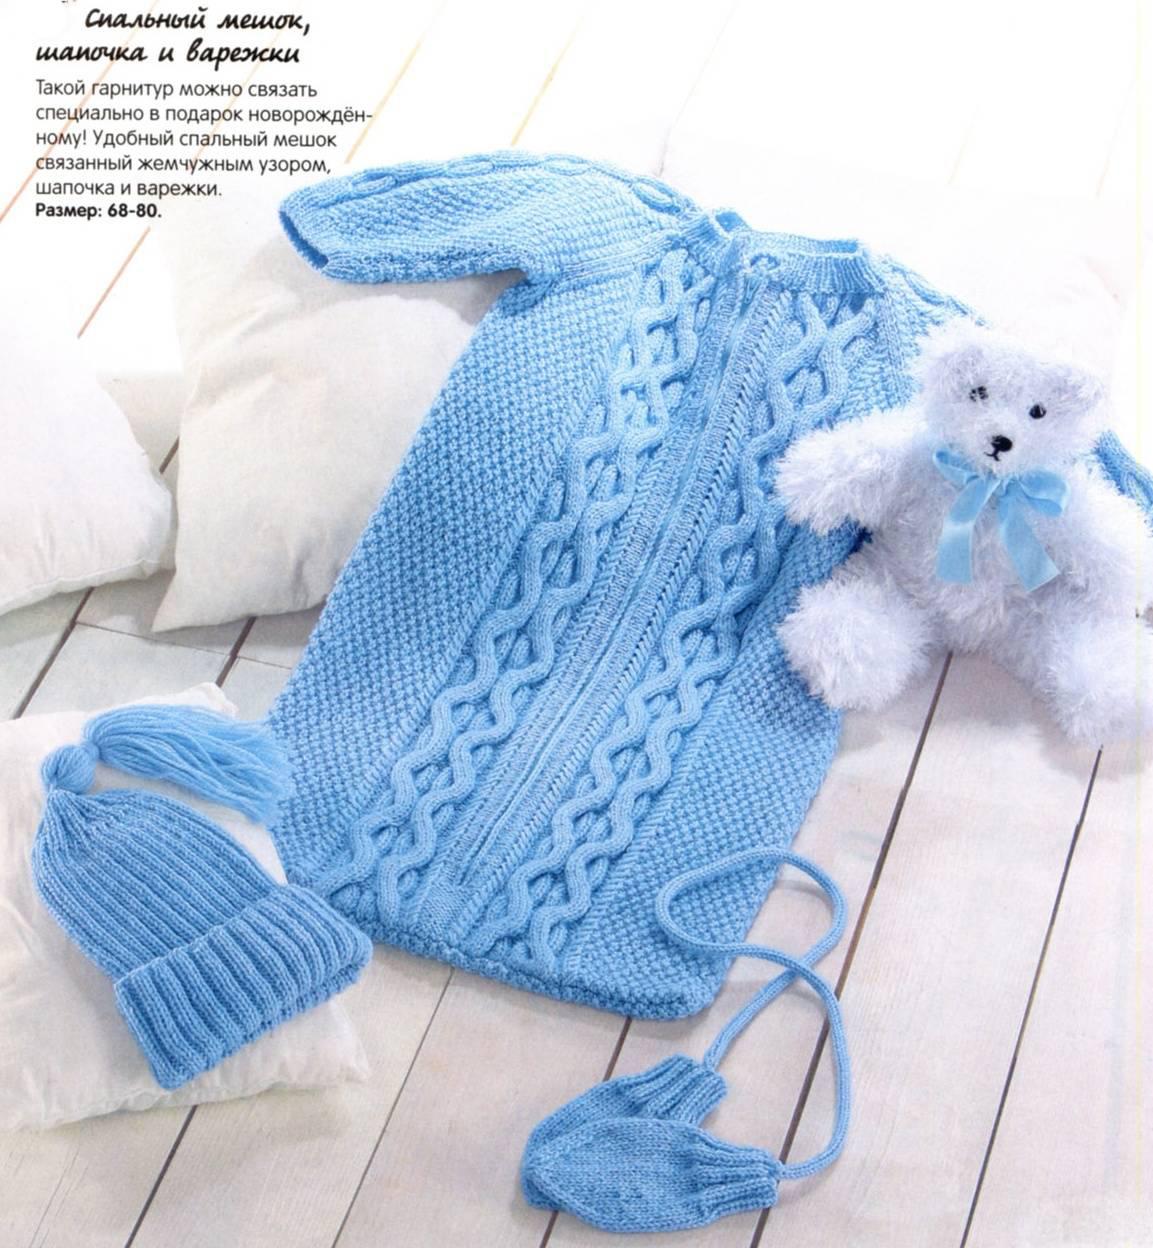 Вязание мочалки для начинающих спицами